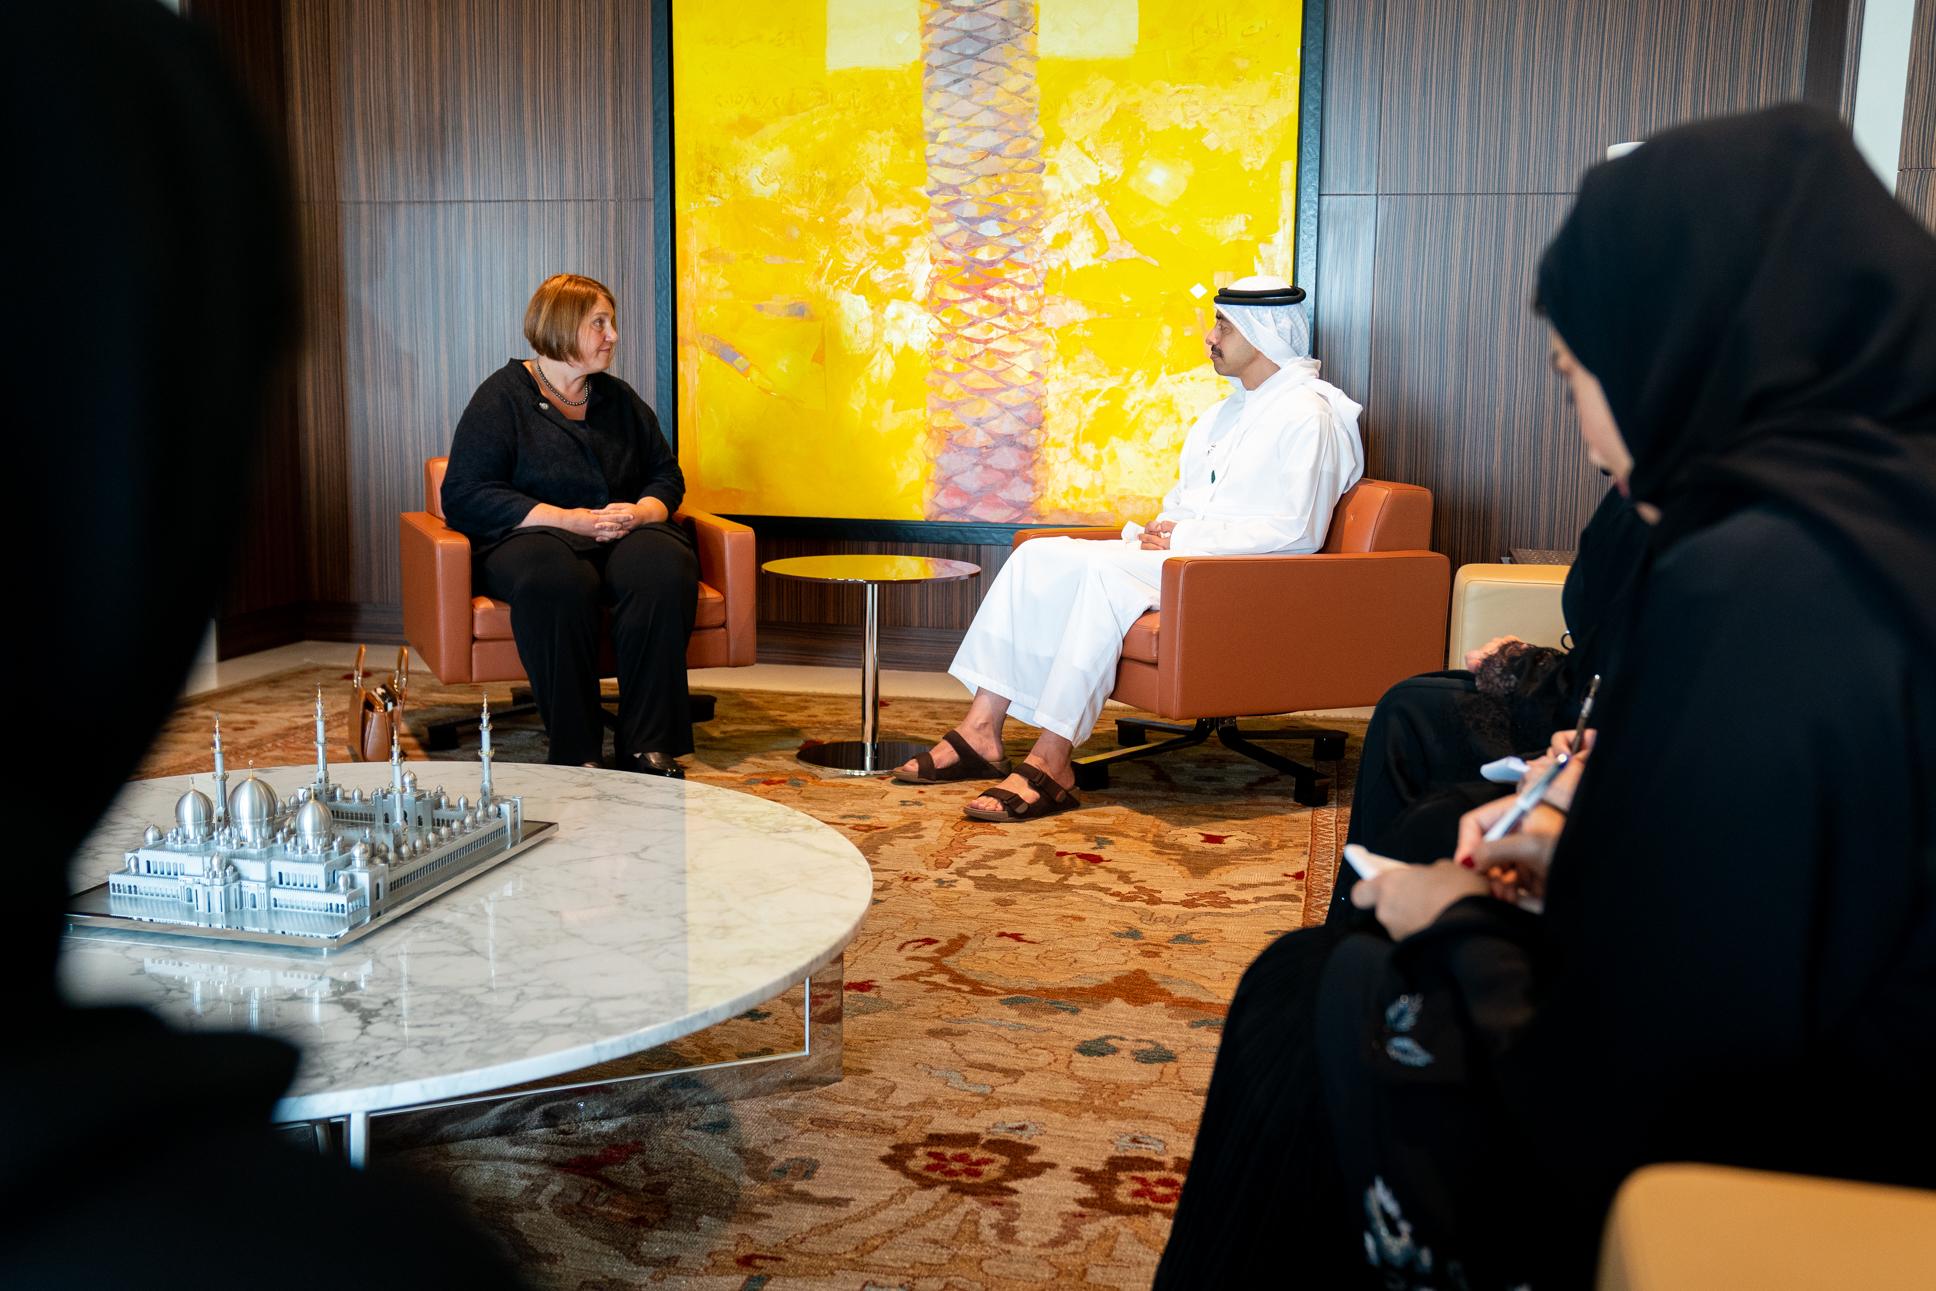 عبدالله بن زايد يتسلم أوراق اعتماد المنسق المقيم للأمم المتحدة لدى الدولة